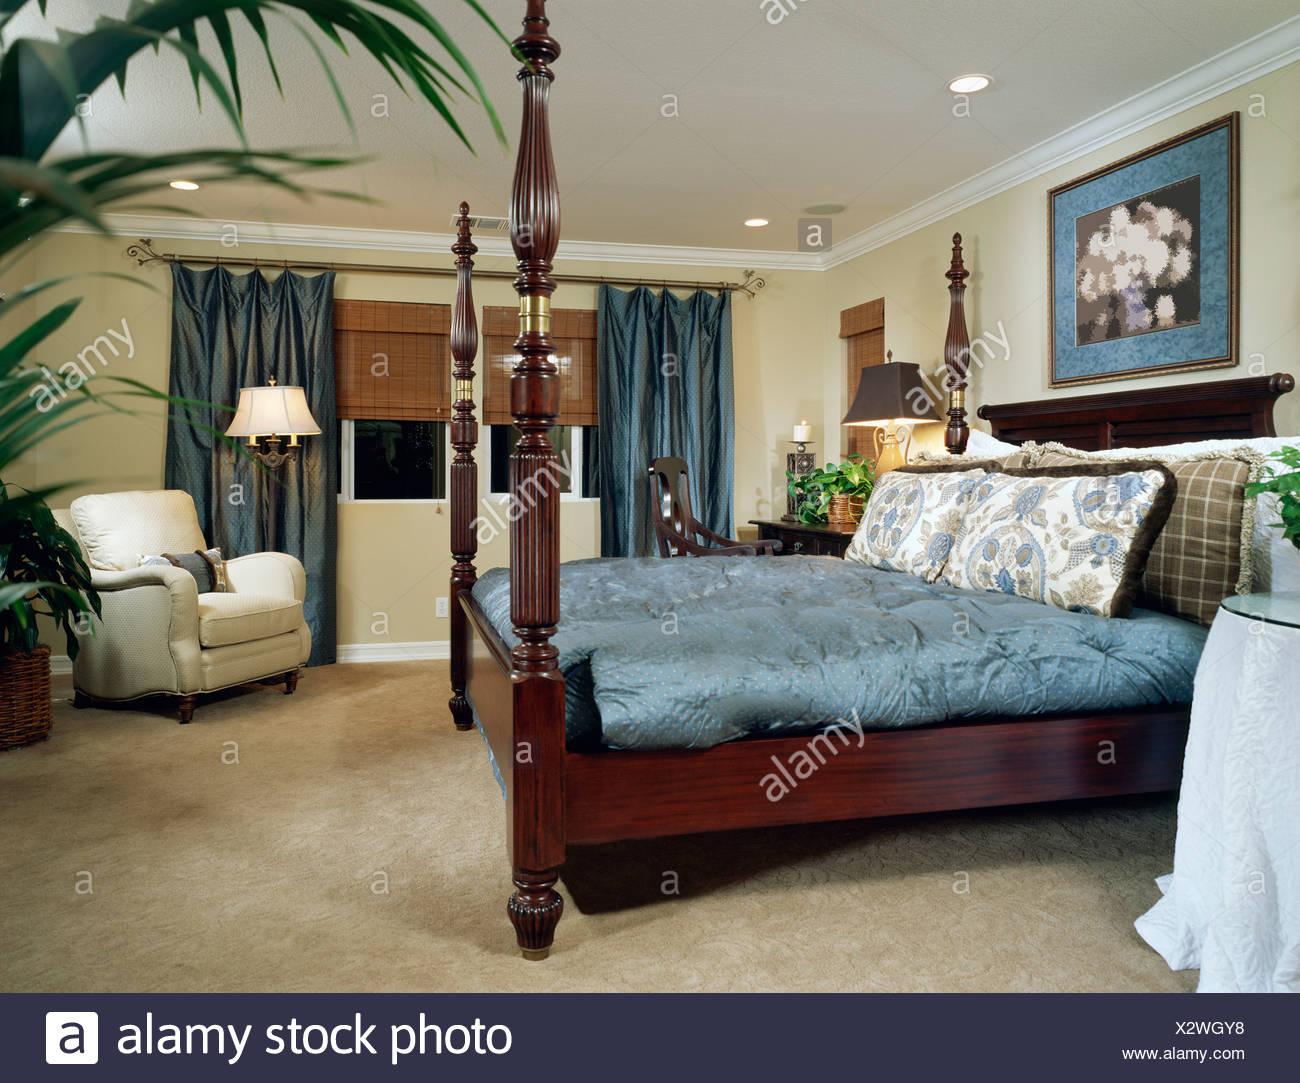 Elegante Schlafzimmer mit vier Post-Bett Stockfoto, Bild: 277157308 ...